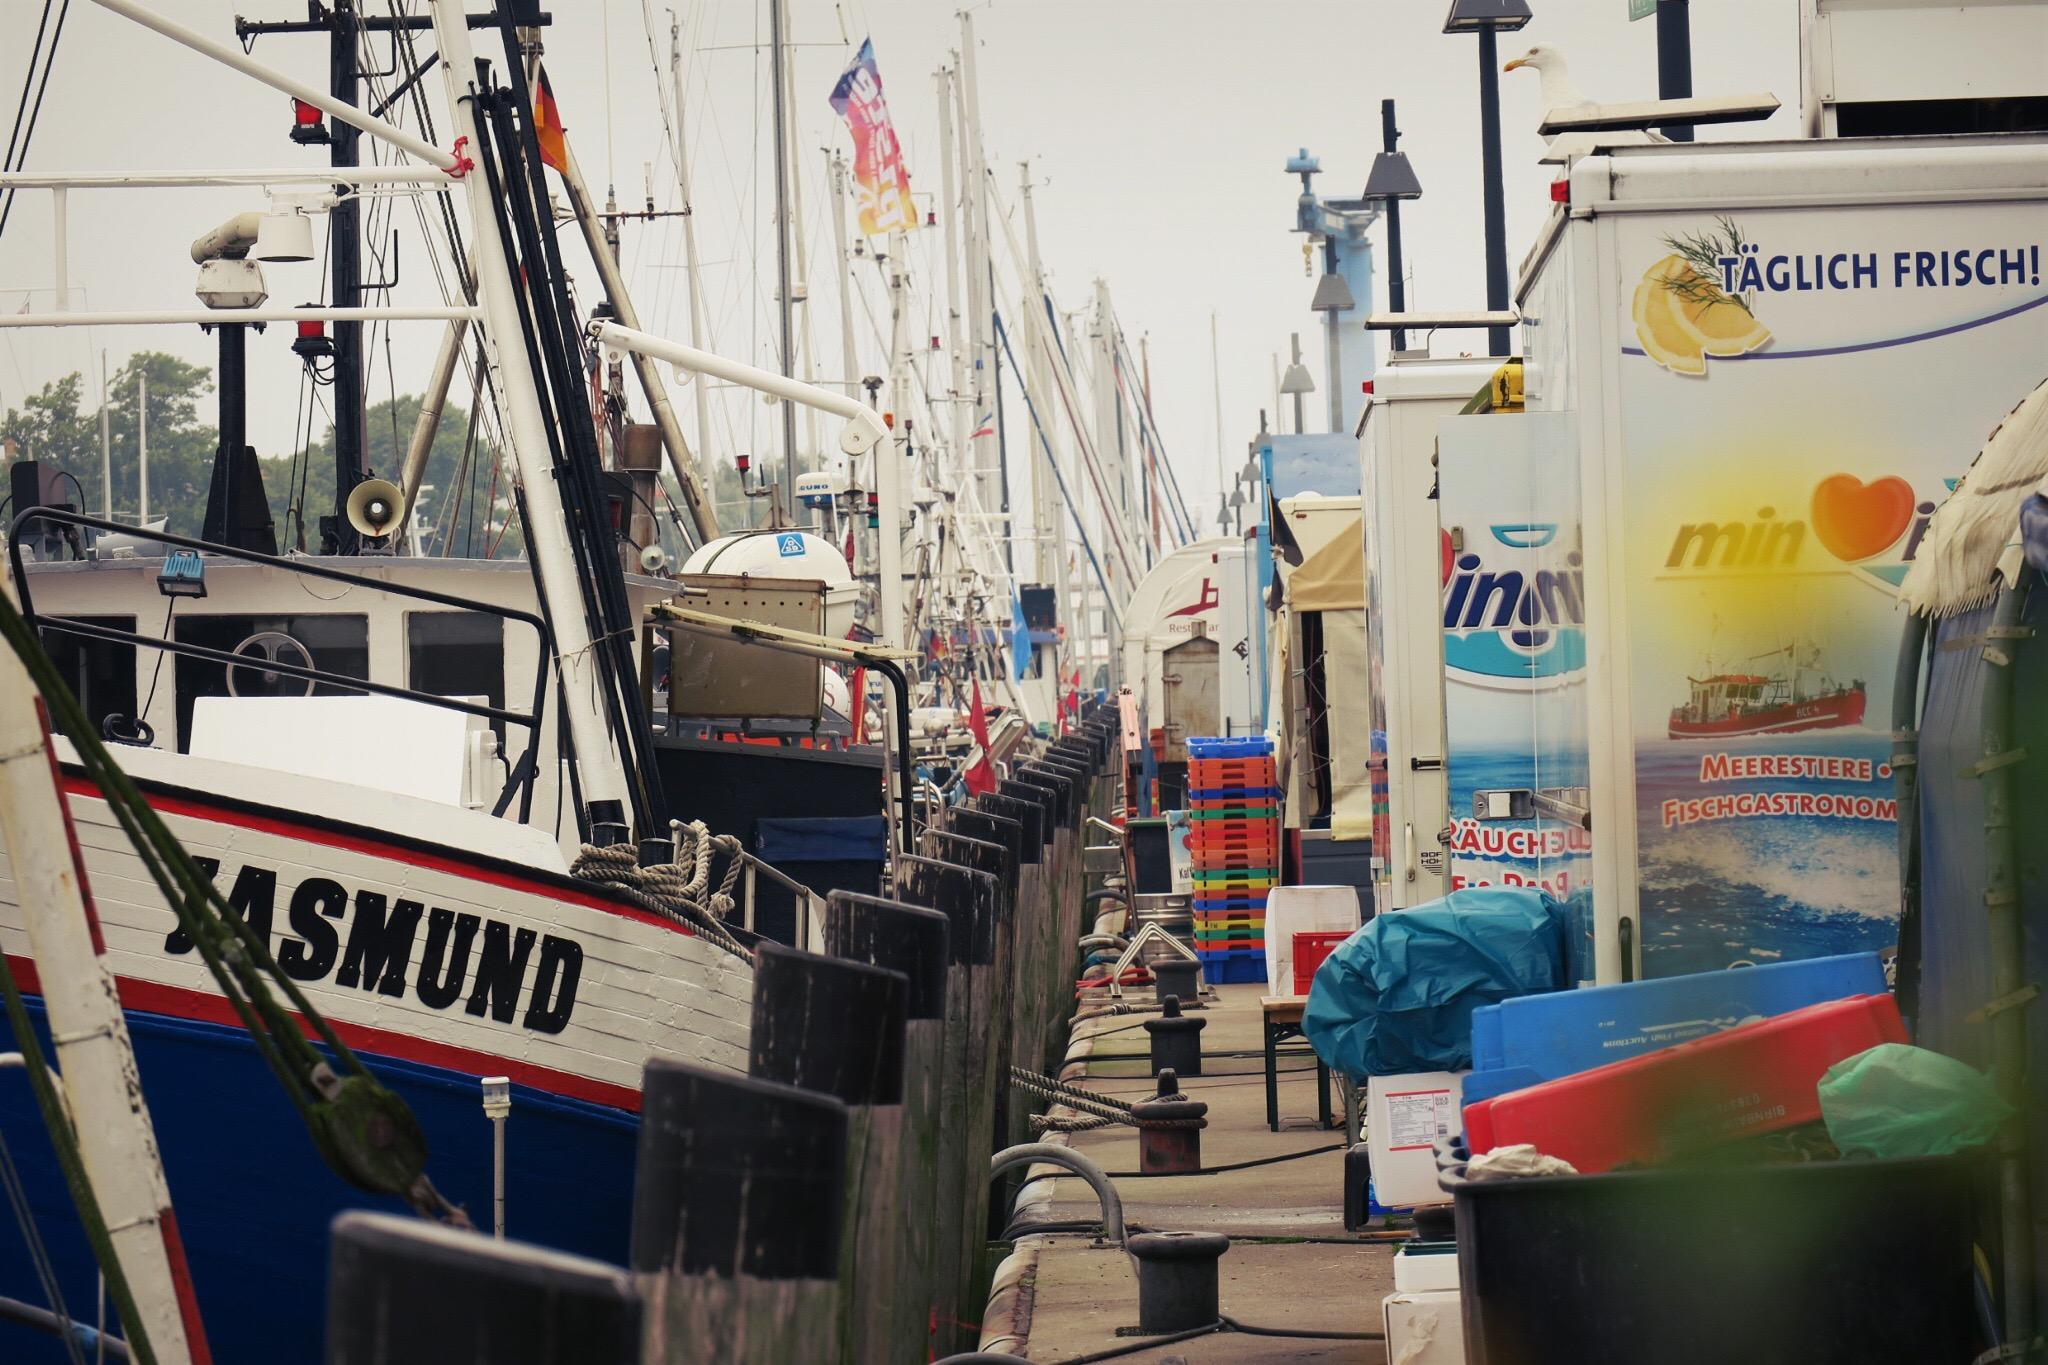 Kutter, Dalben und bunte Fischkisten in langer Reihe